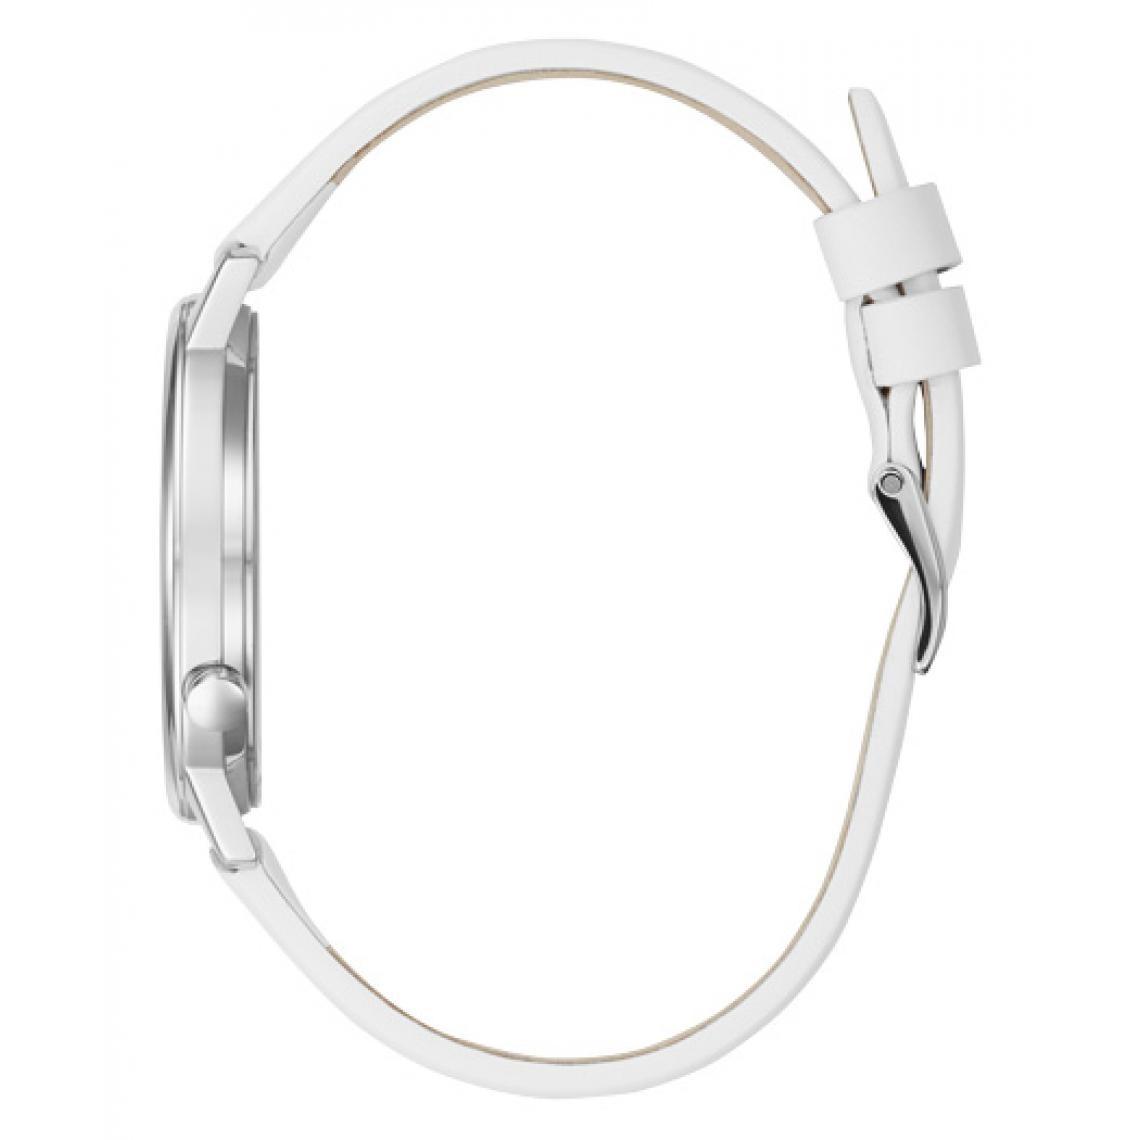 Montre Guess V1022M1 Montre Bracelet Cuir Blanc Logo Guess Multicouleurs Guess Montres Plus de détails